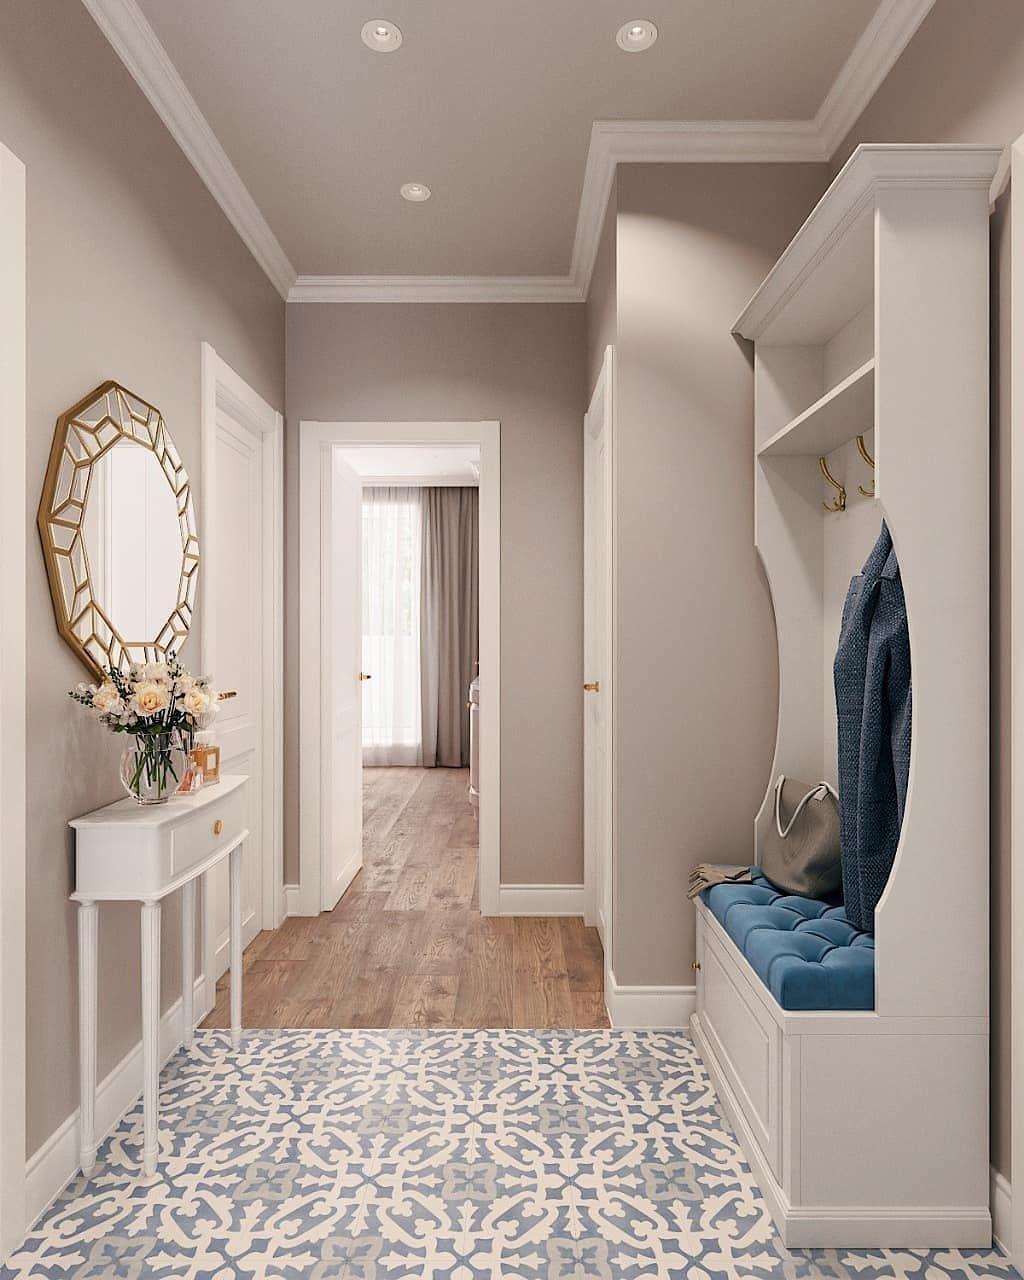 also best house interior images in home kitchens kitchen rh pinterest